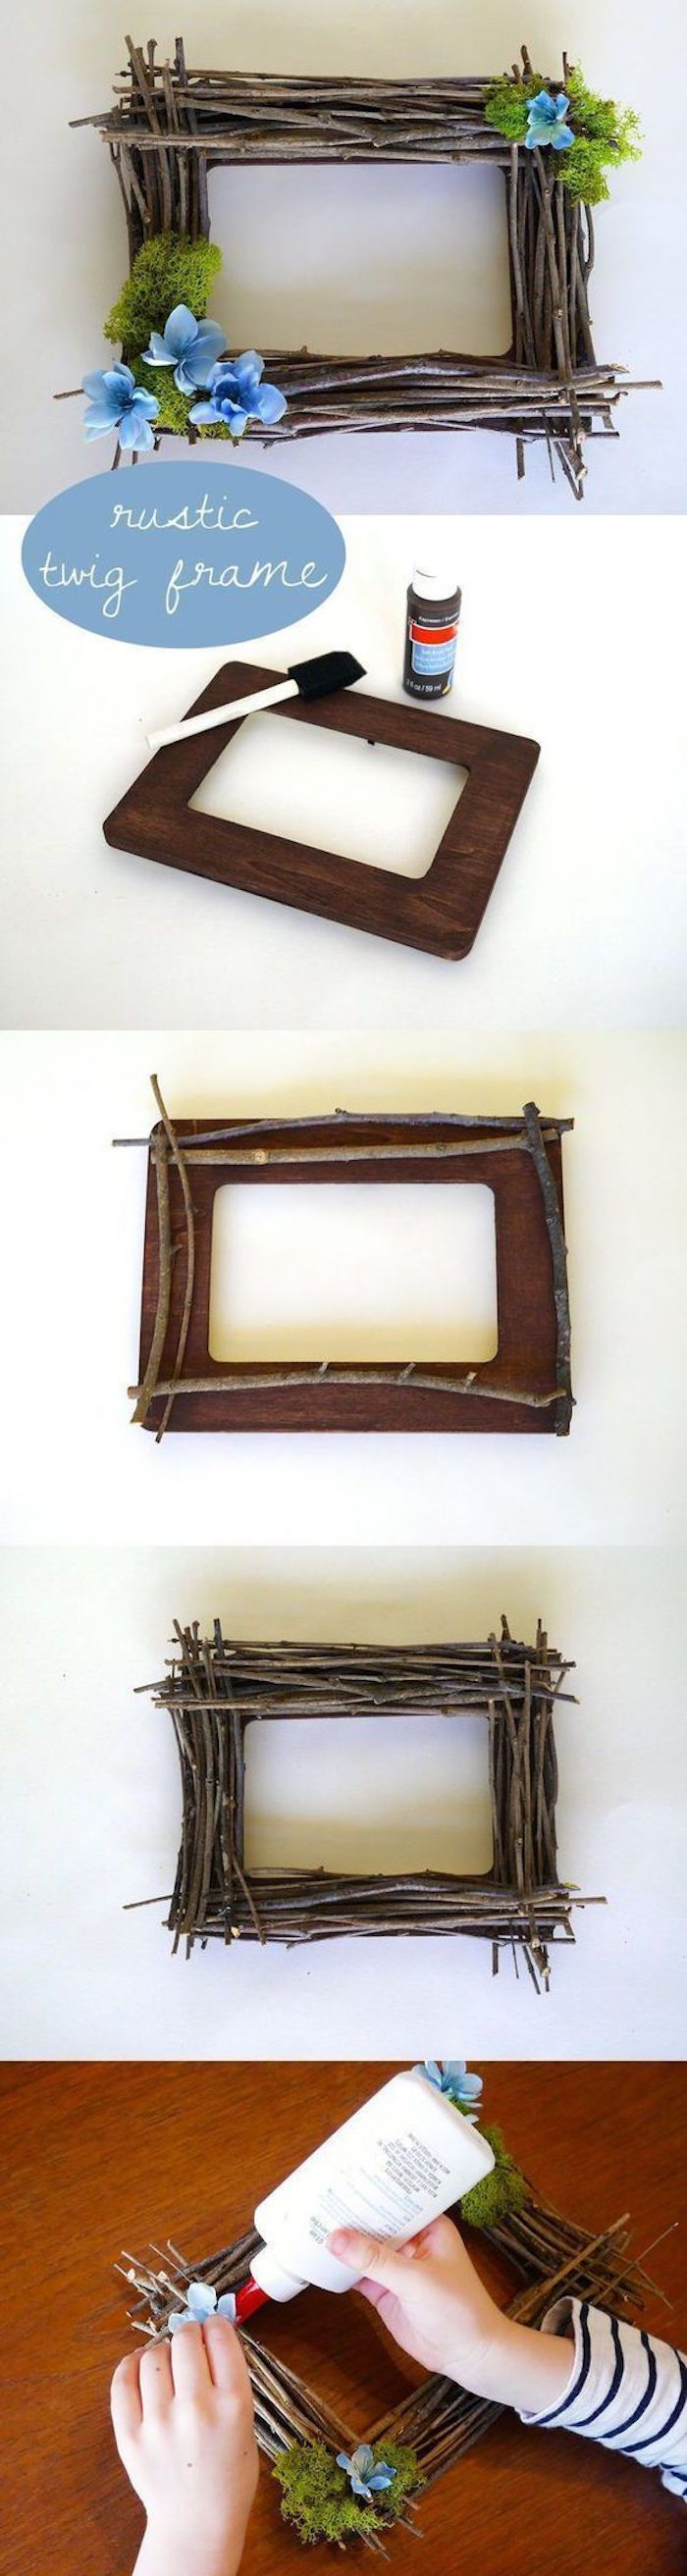 diy deko idee rahmen aus holz basteln - Holzbasteln